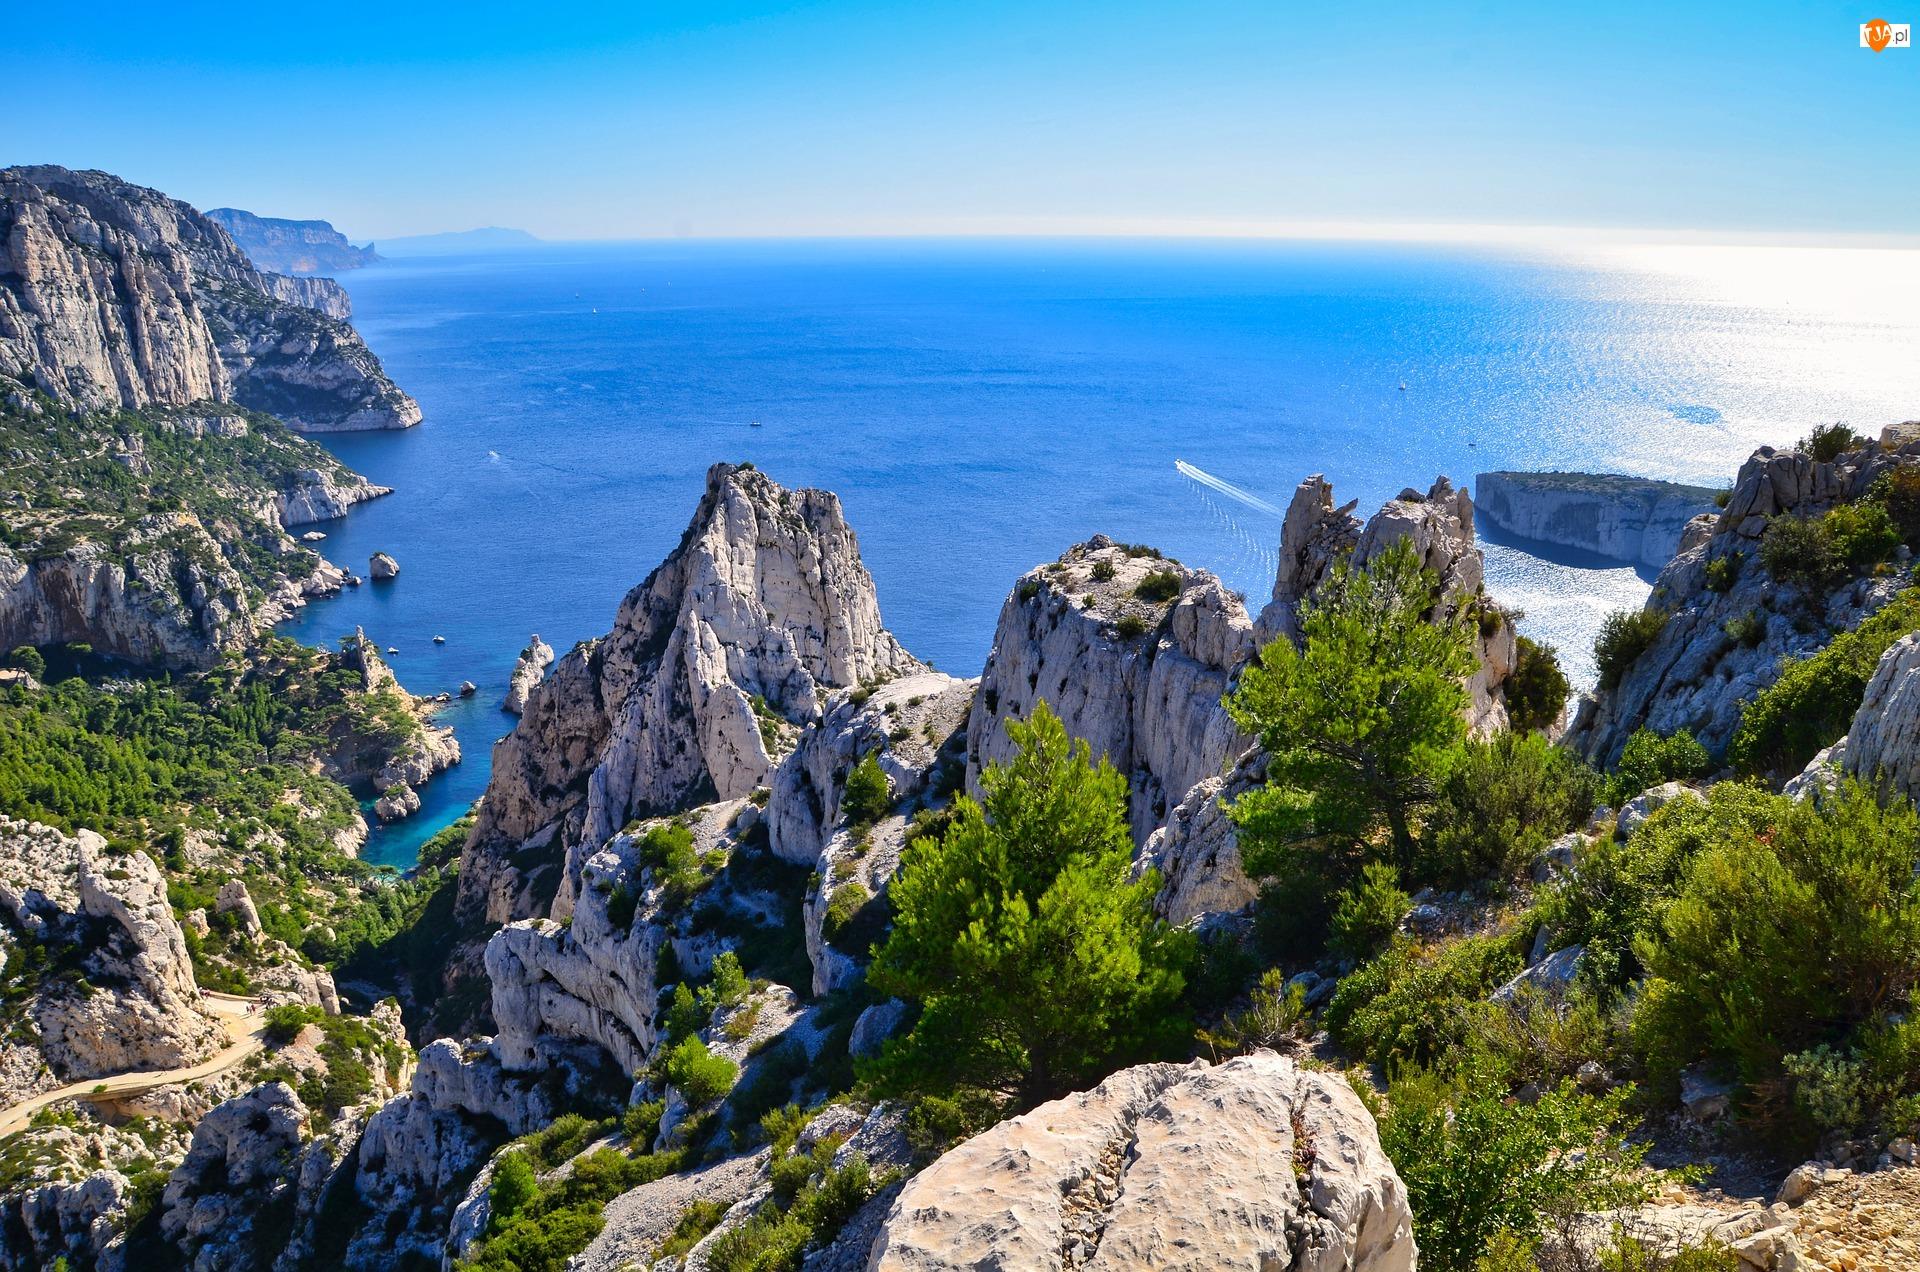 Park Narodowy Calanques, Drzewa, Morze Śródziemne, Francja, Skały